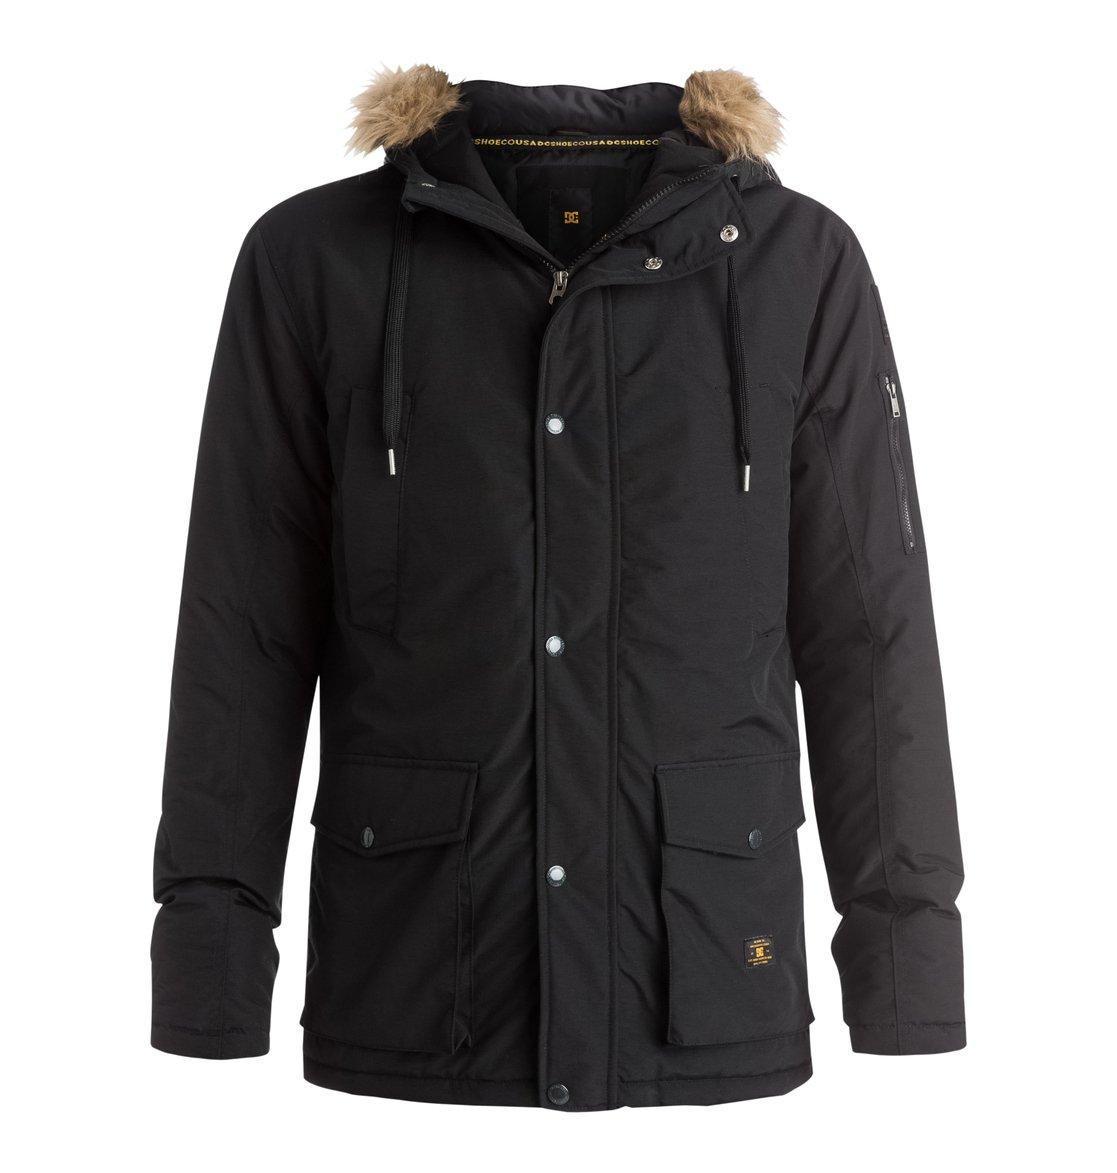 EnderbyМужская куртка Enderby от DC Shoes. <br>ХАРАКТЕРИСТИКИ: сочетание нейлона и хлопка, съемная оторочка капюшона из искусственного меха, манжеты в рубчик с изнанки рукава, карманы с подкладкой из трикотажа с начесом, плотный стеганый наполнитель, внутренний карман, нижние карманы с системой двойного доступа, пластивковые молния и кнопки с маркировкой DC спереди, нашивка из войлока и карман для мелочей на левом рукаве, ярлык DC спереди, декоративная отделка воротника с изнанки. <br>СОСТАВ: 61% хлопок, 39% нейлон.<br>